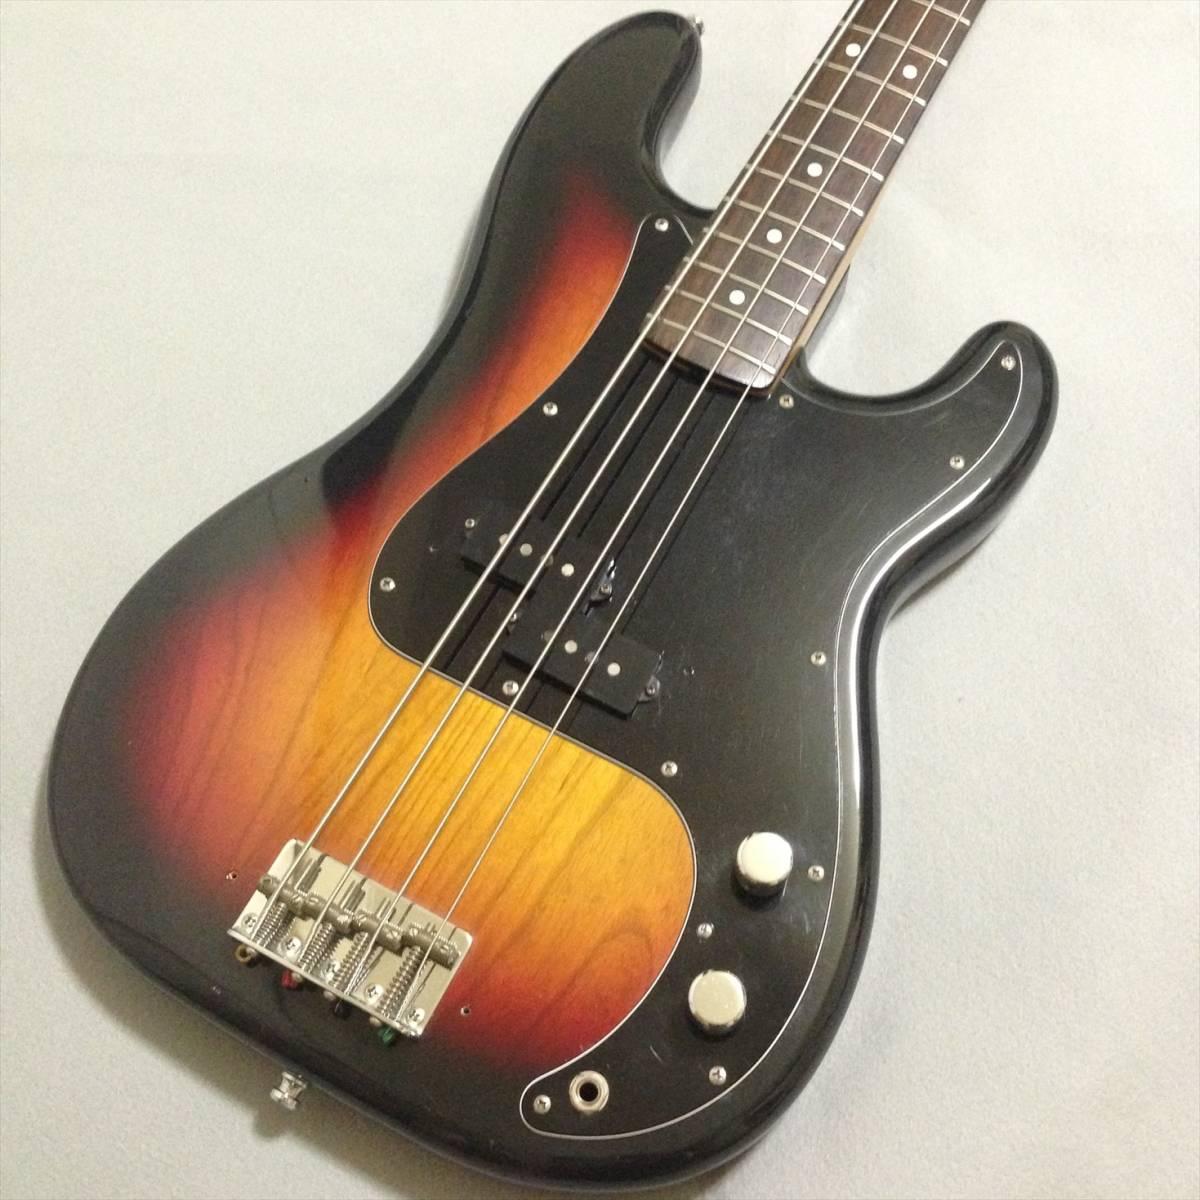 レア アッシュ ボディ Fender Japan PB70 3TS フェンダー ジャパン 3トーンサンバースト プレシジョンベース PB-70 ash Precision Bass_画像3